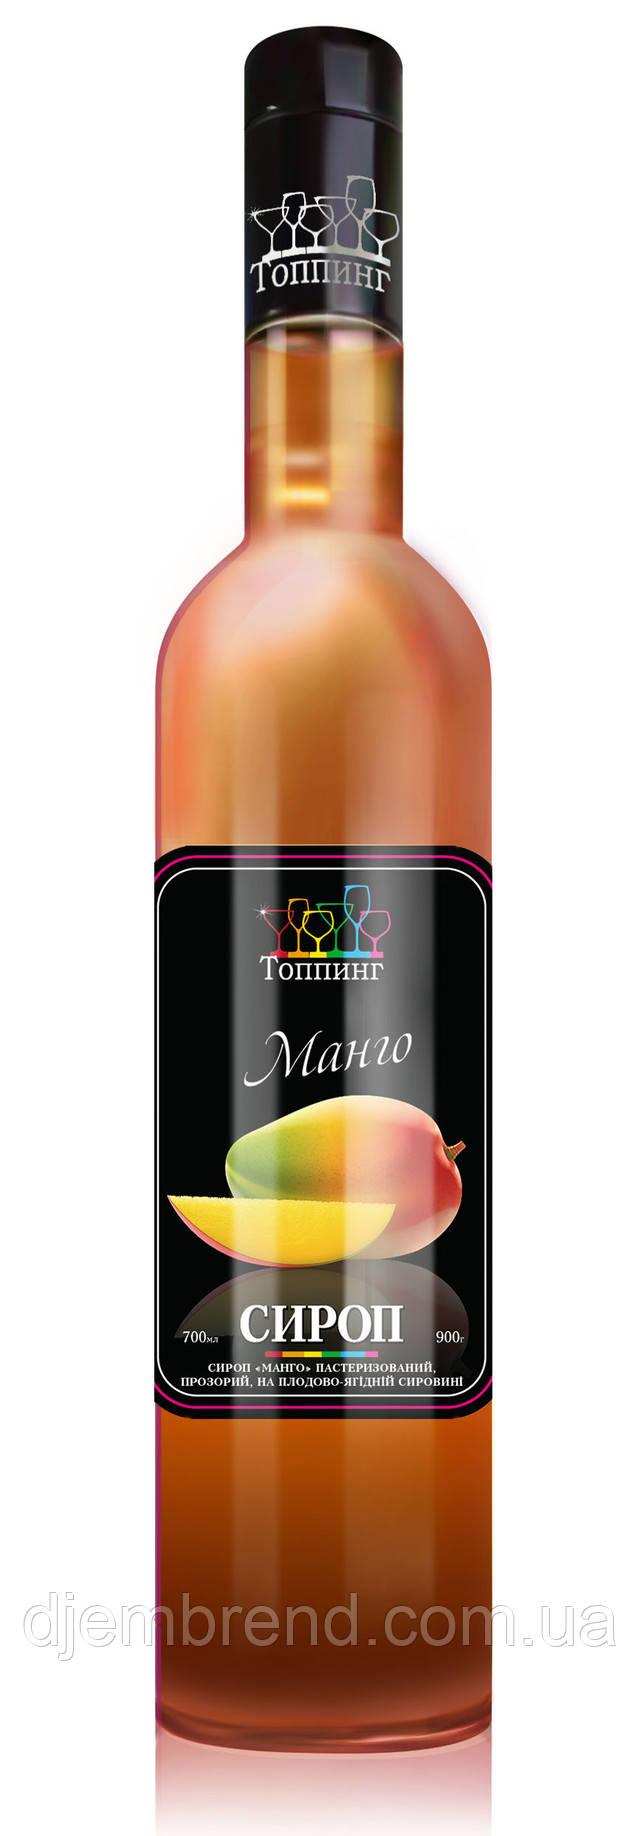 Купить сироп для напитков со вкусом Манго